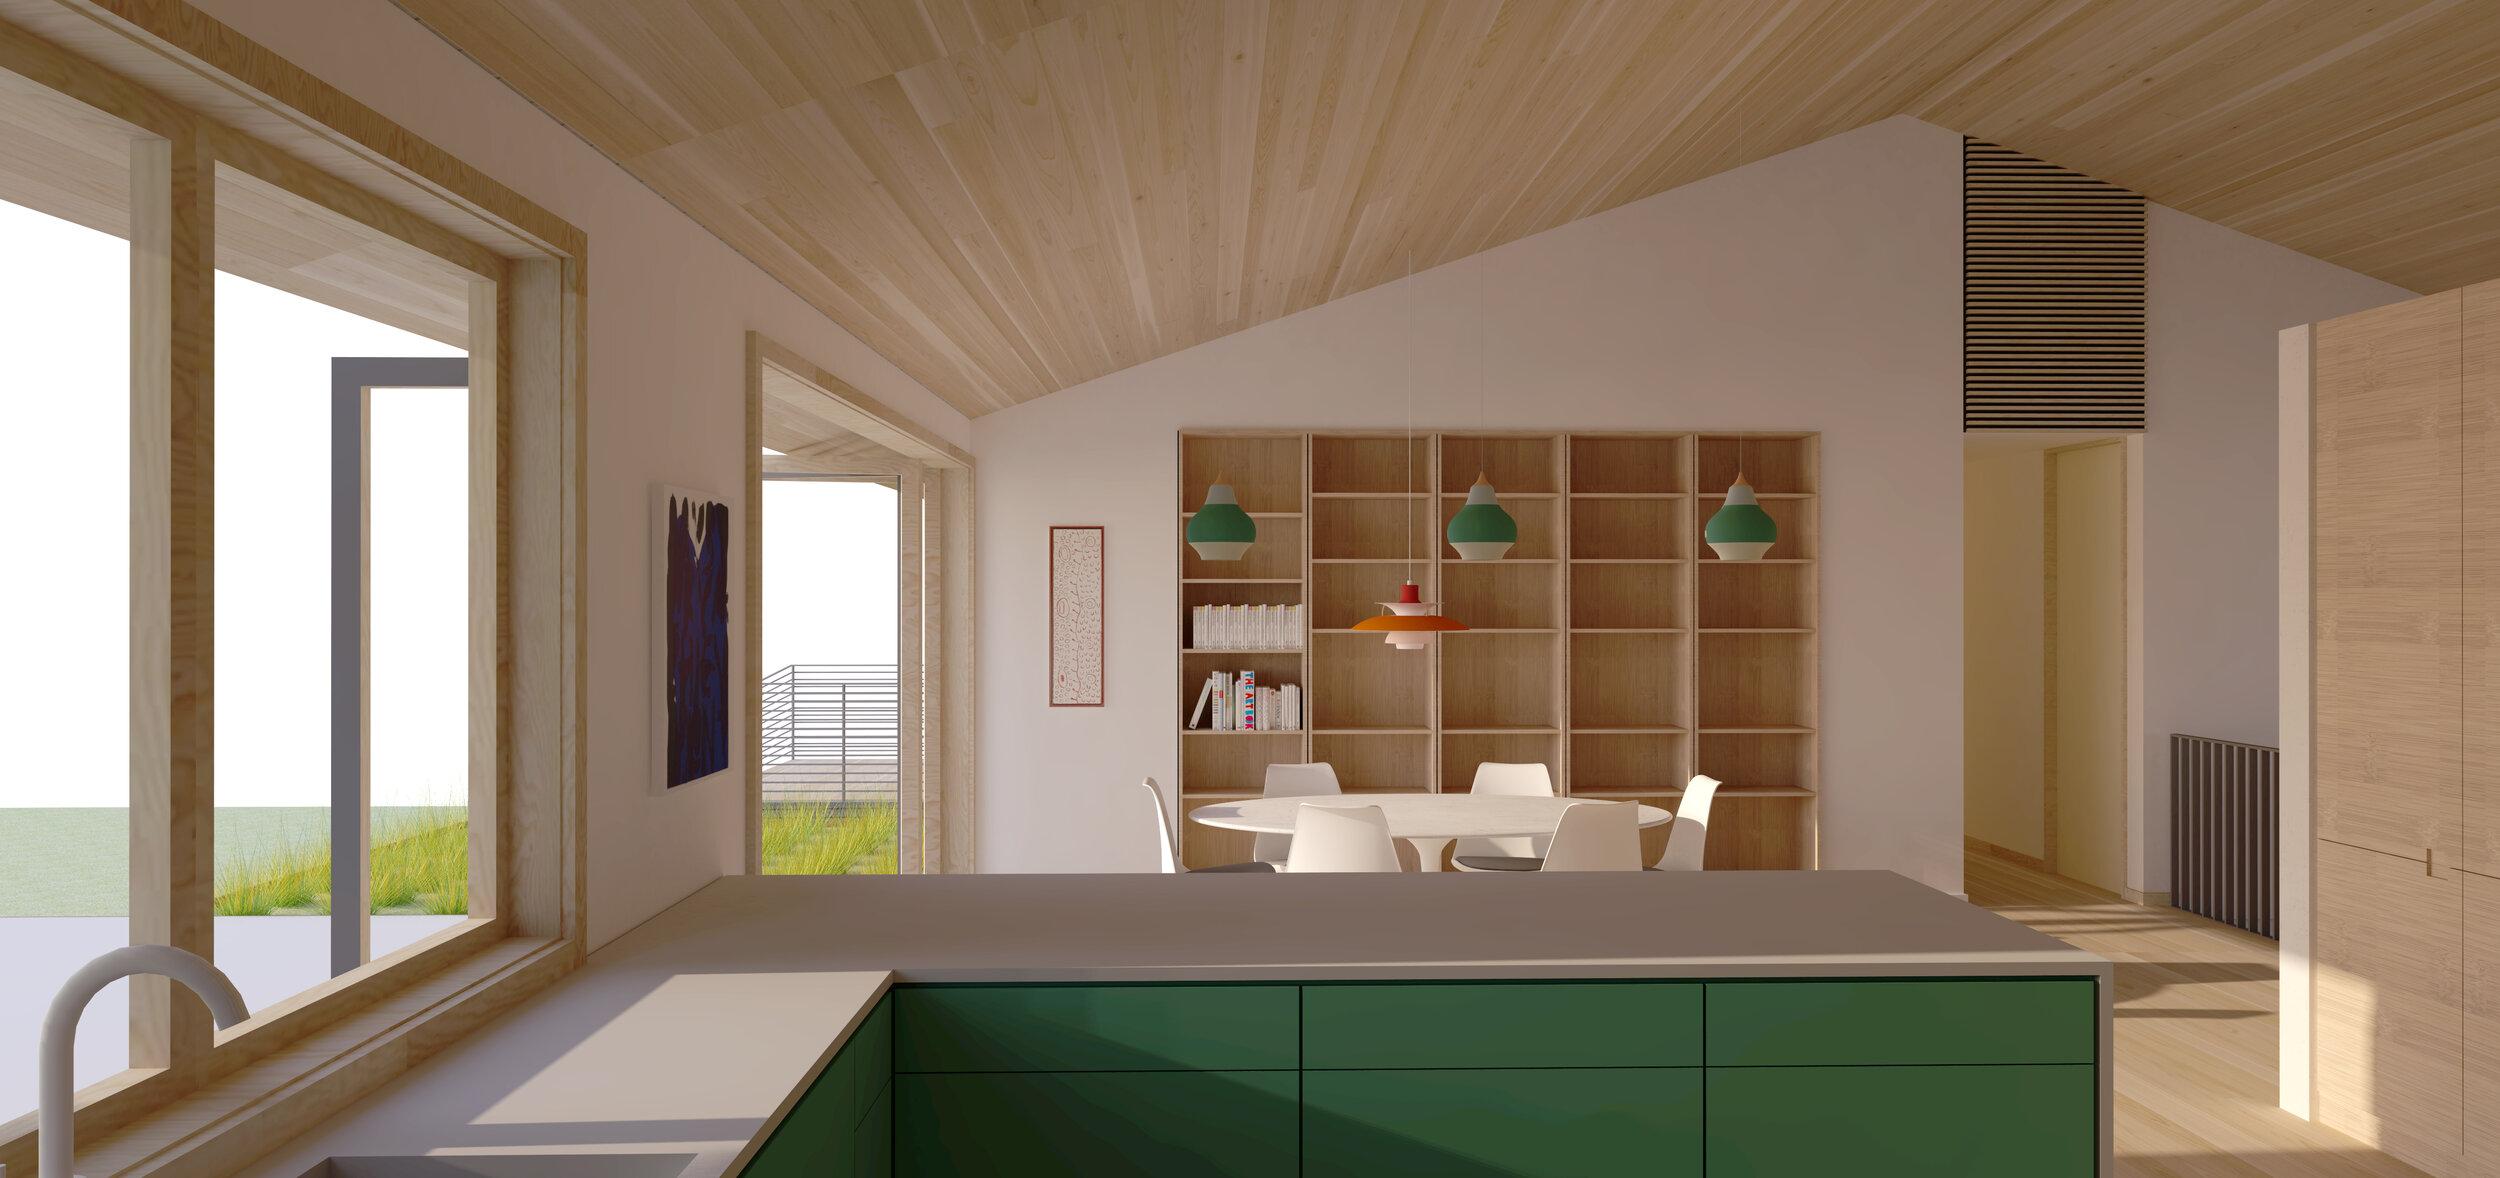 brodie kitchen dining render.jpg